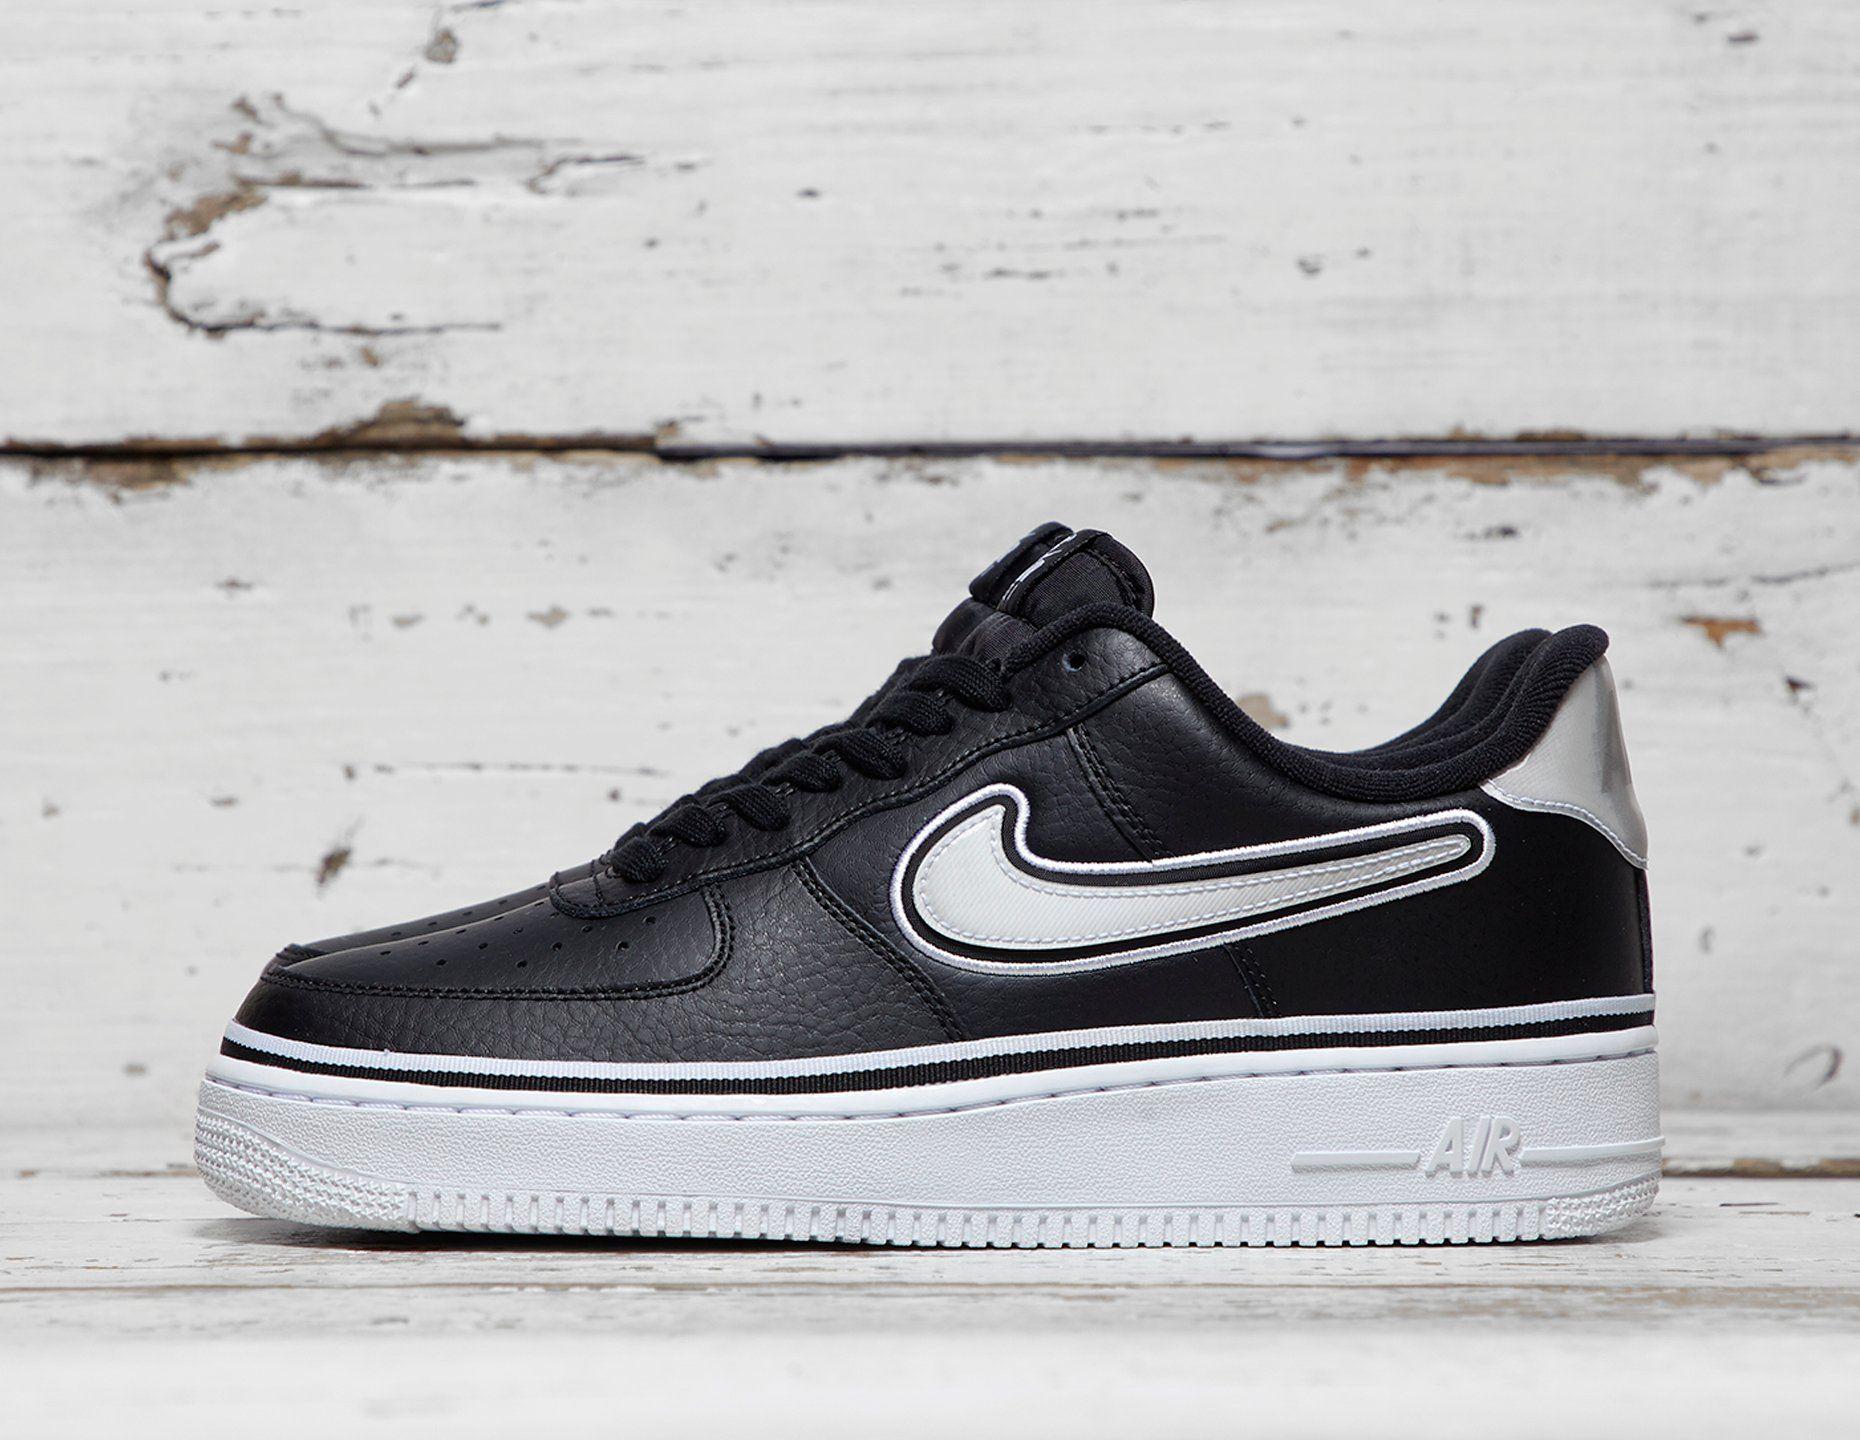 c25f2358c7 Nike Air Force 1 Low '07 LV8 'NBA'   Footpatrol